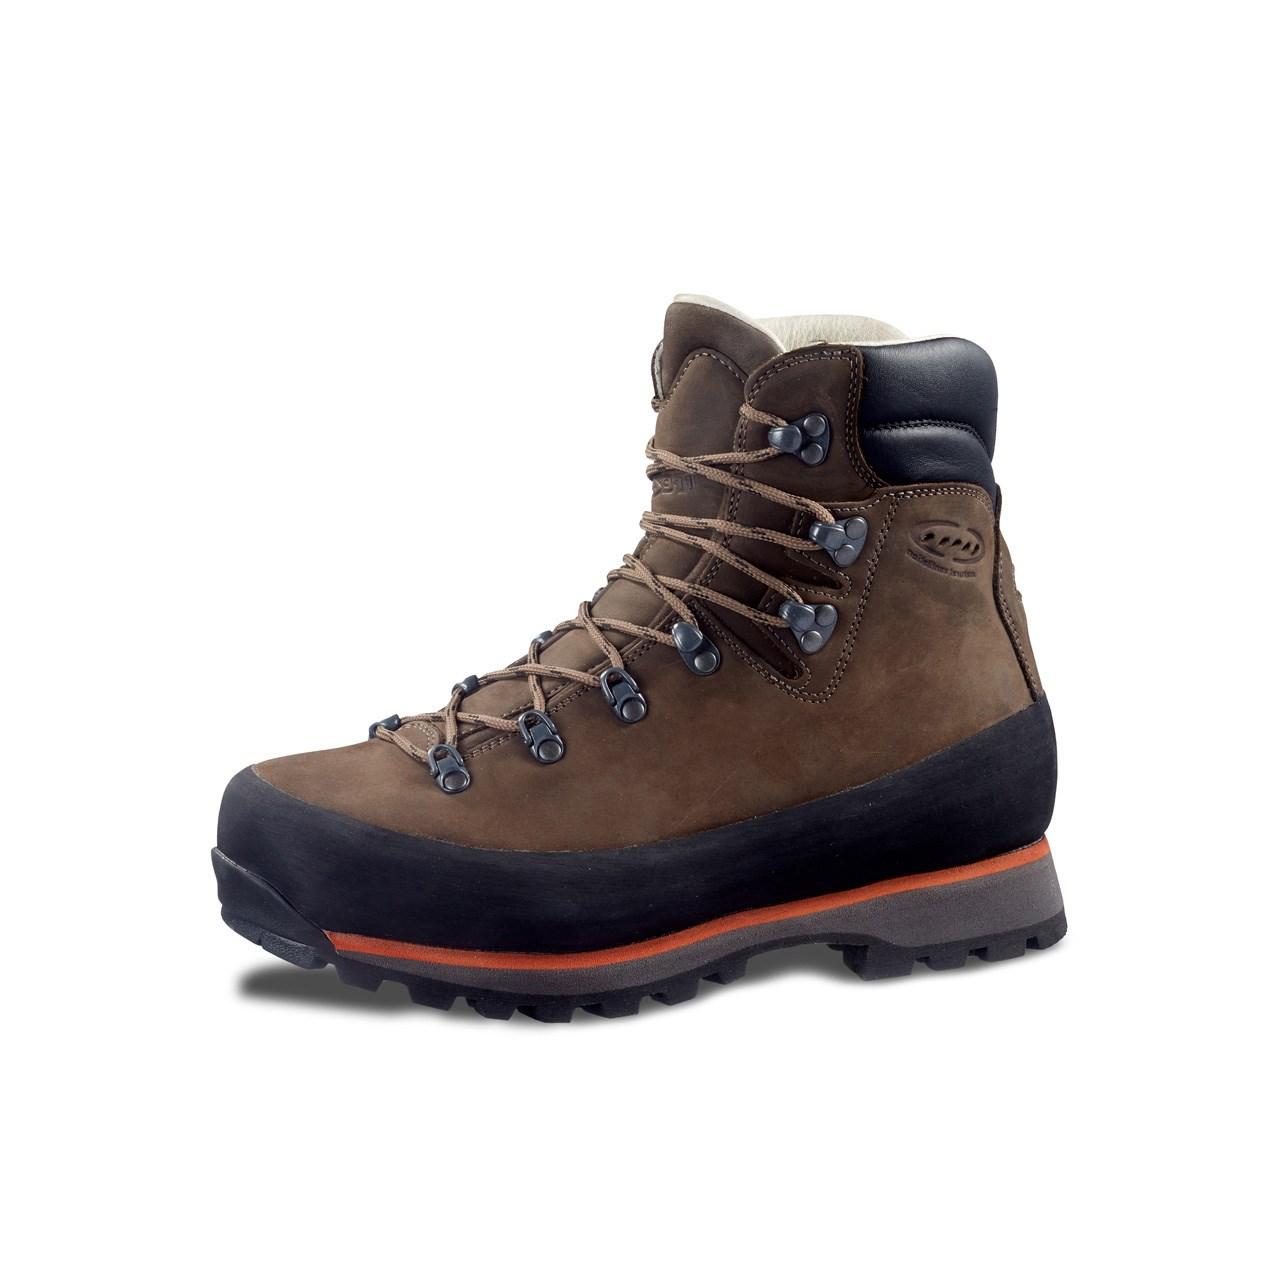 قیمت کفش کوهنوردی مردانه ترزتا مدل TOP EVO